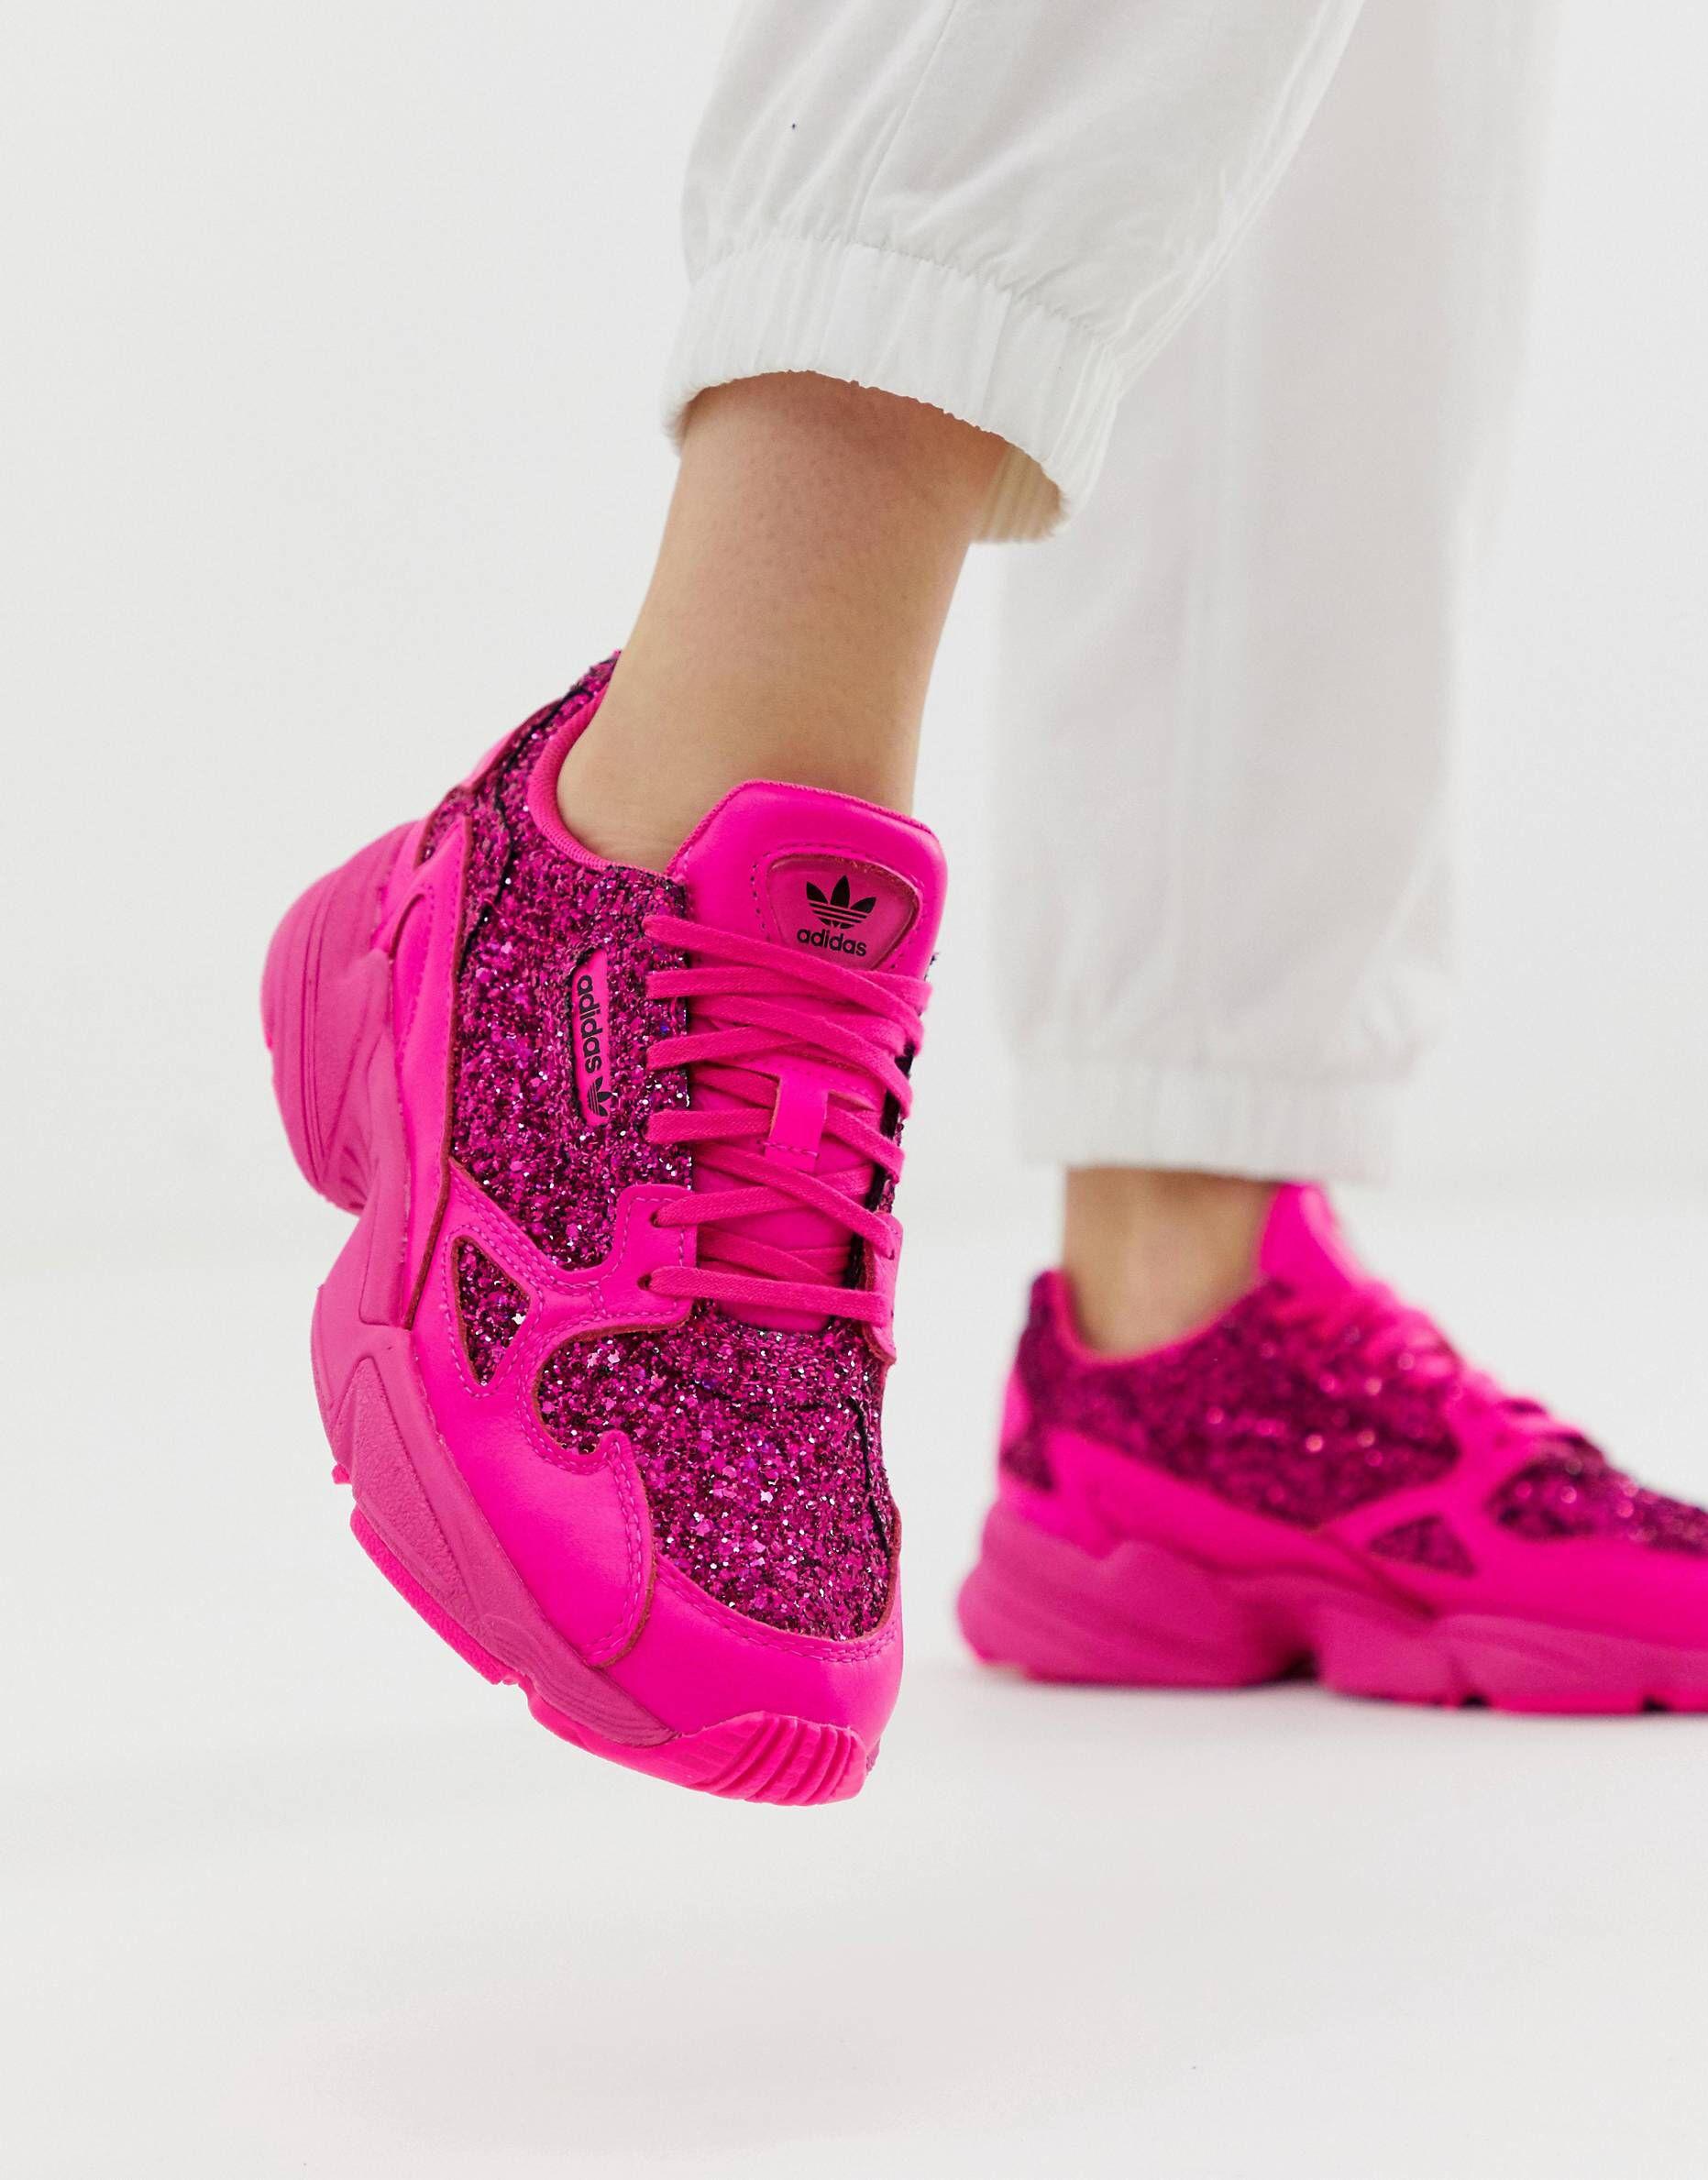 ab04b5552dff79 adidas Originals Premium pink glitter Falcon sneakers in 2019 ...